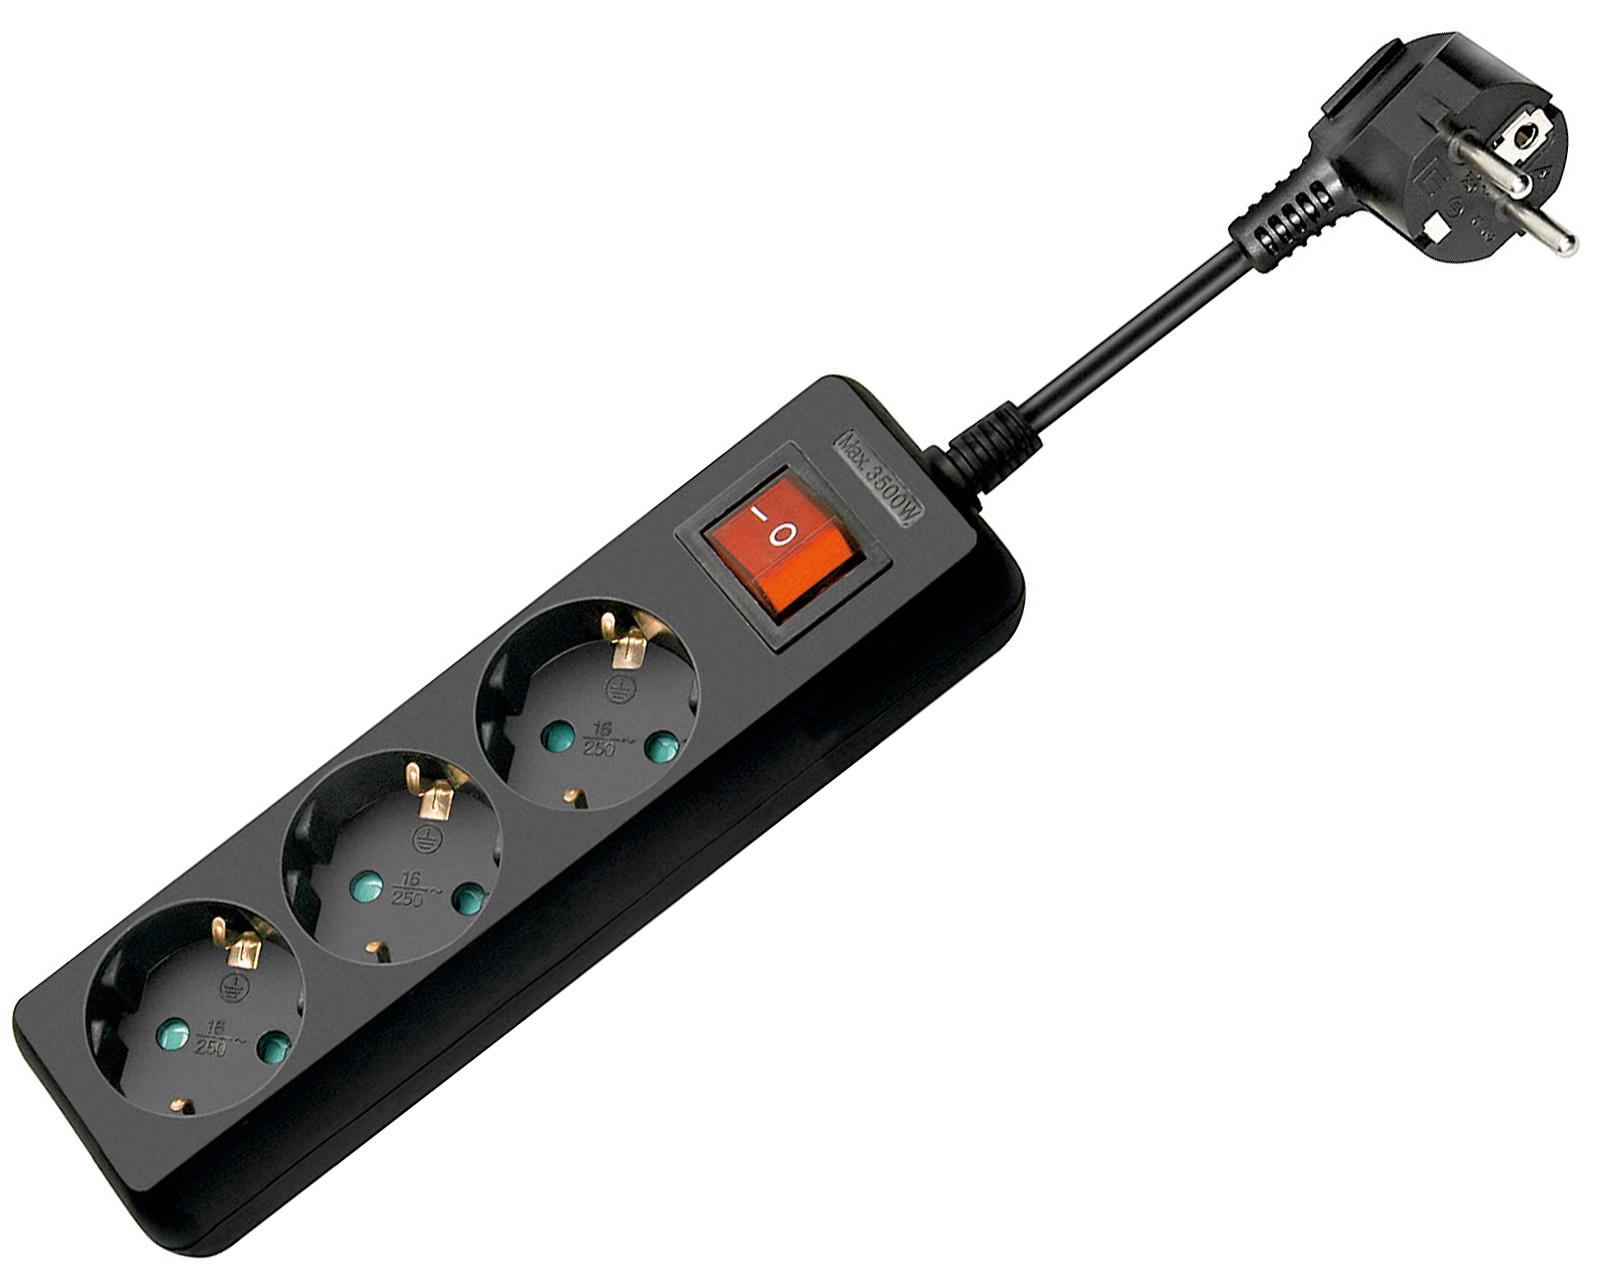 goobay steckdosenleiste schwarz 3 fach mehrfachsteckdose schalter 1 5m kabel ebay. Black Bedroom Furniture Sets. Home Design Ideas